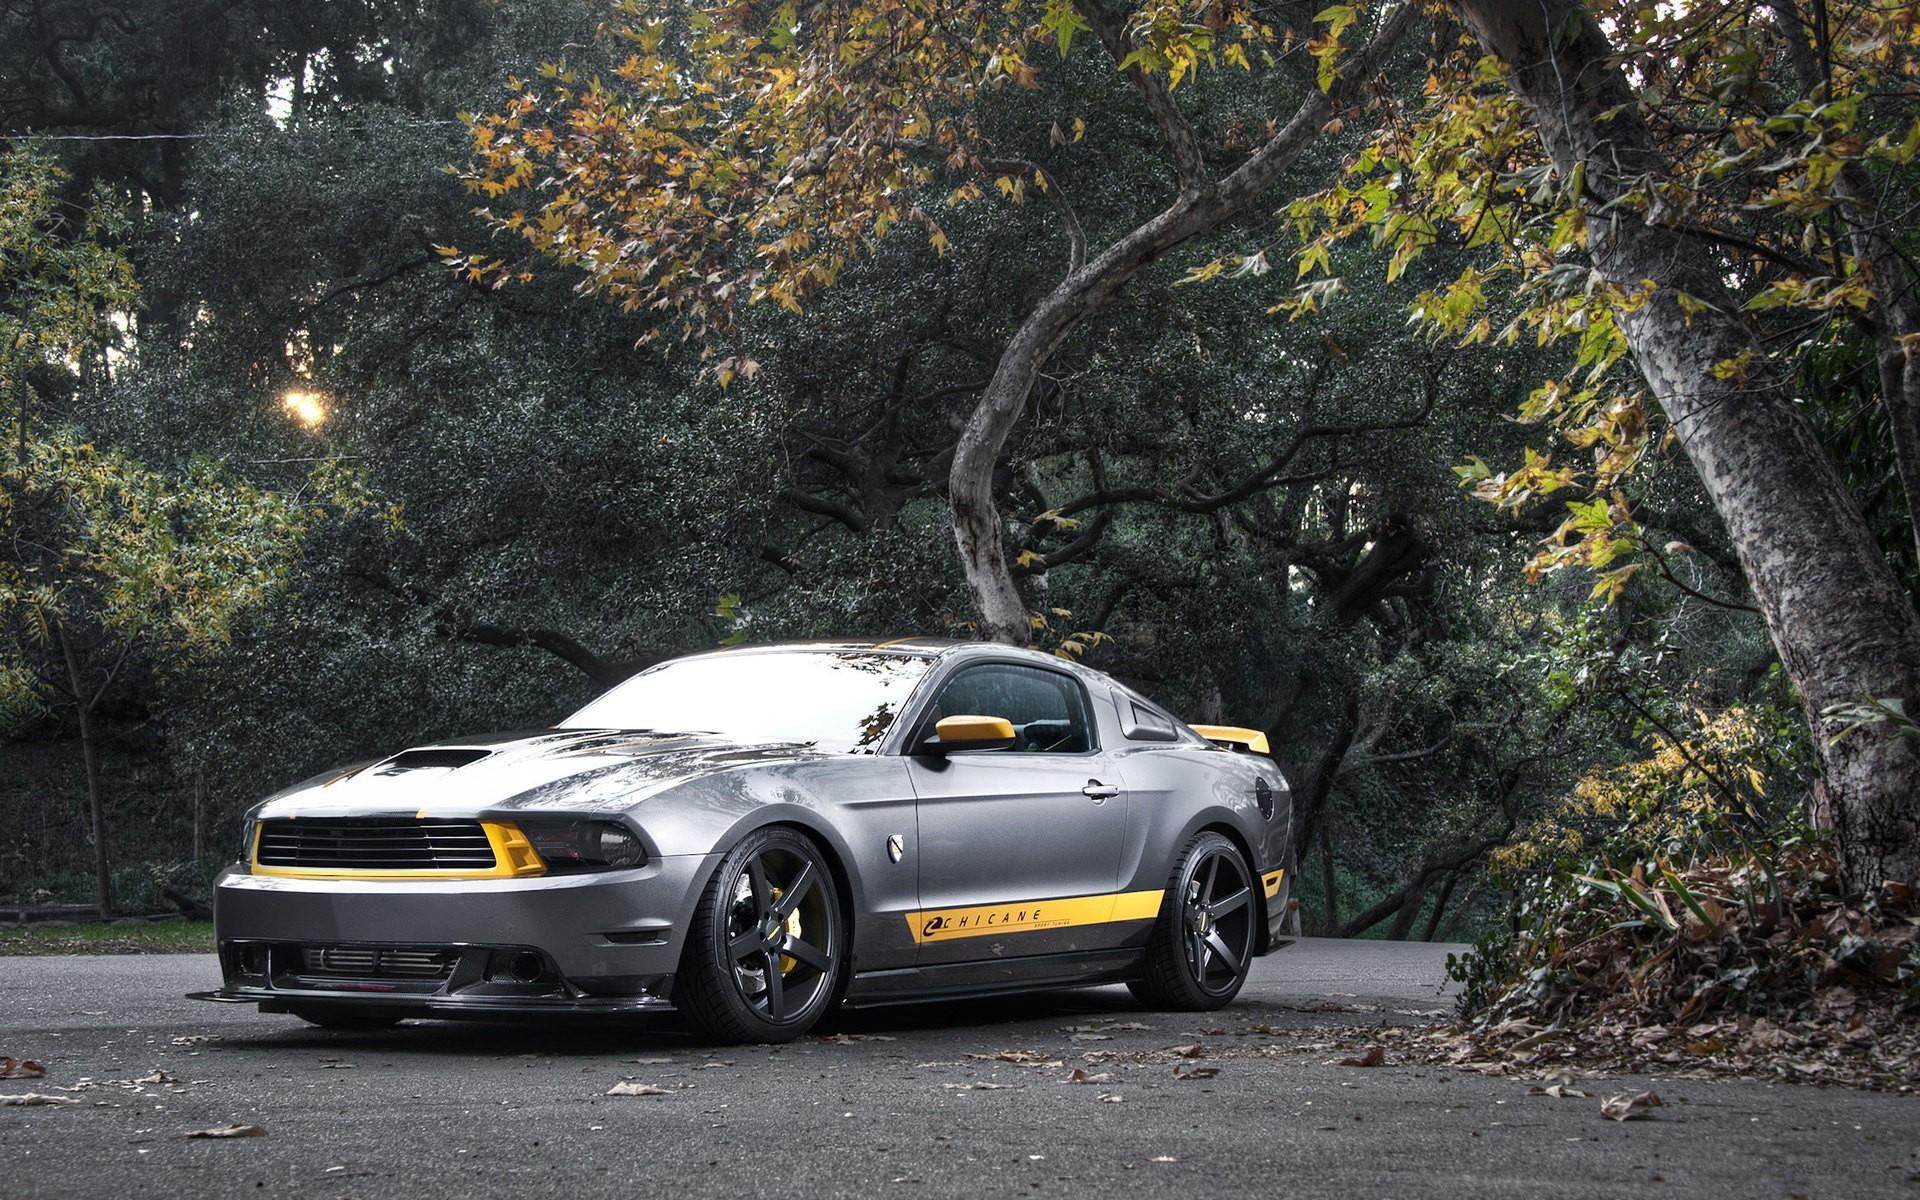 Fondos De Pantalla Vehículo Ford Mustang Coche Deportivo